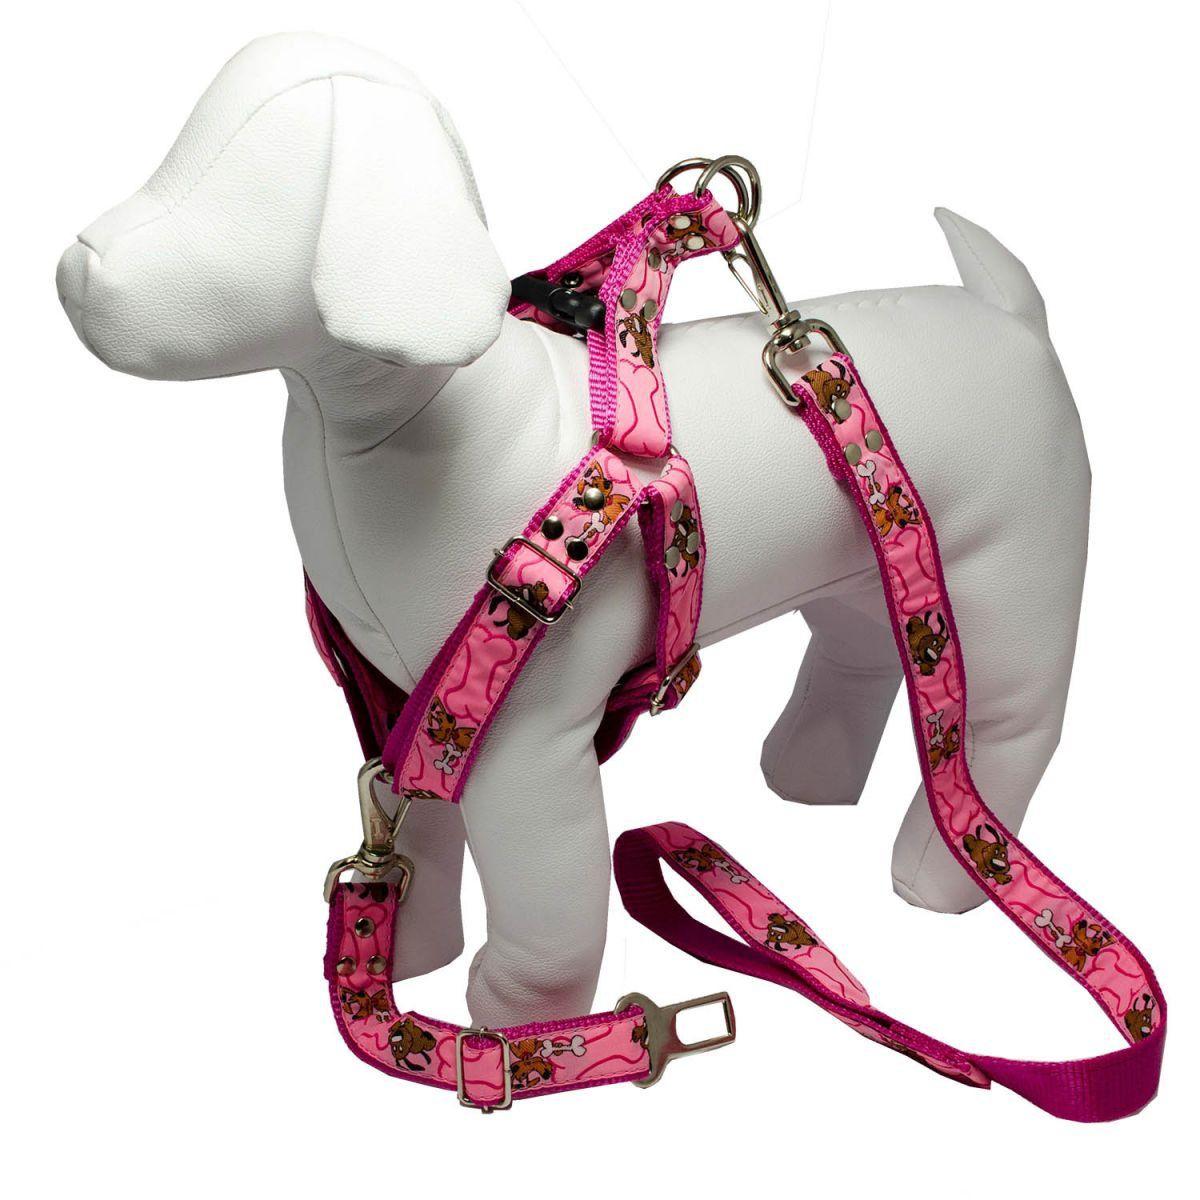 Coleira Peitoral Cachorro Guia Adaptador Cinto Segurança Tamanho P - Cor Rosa